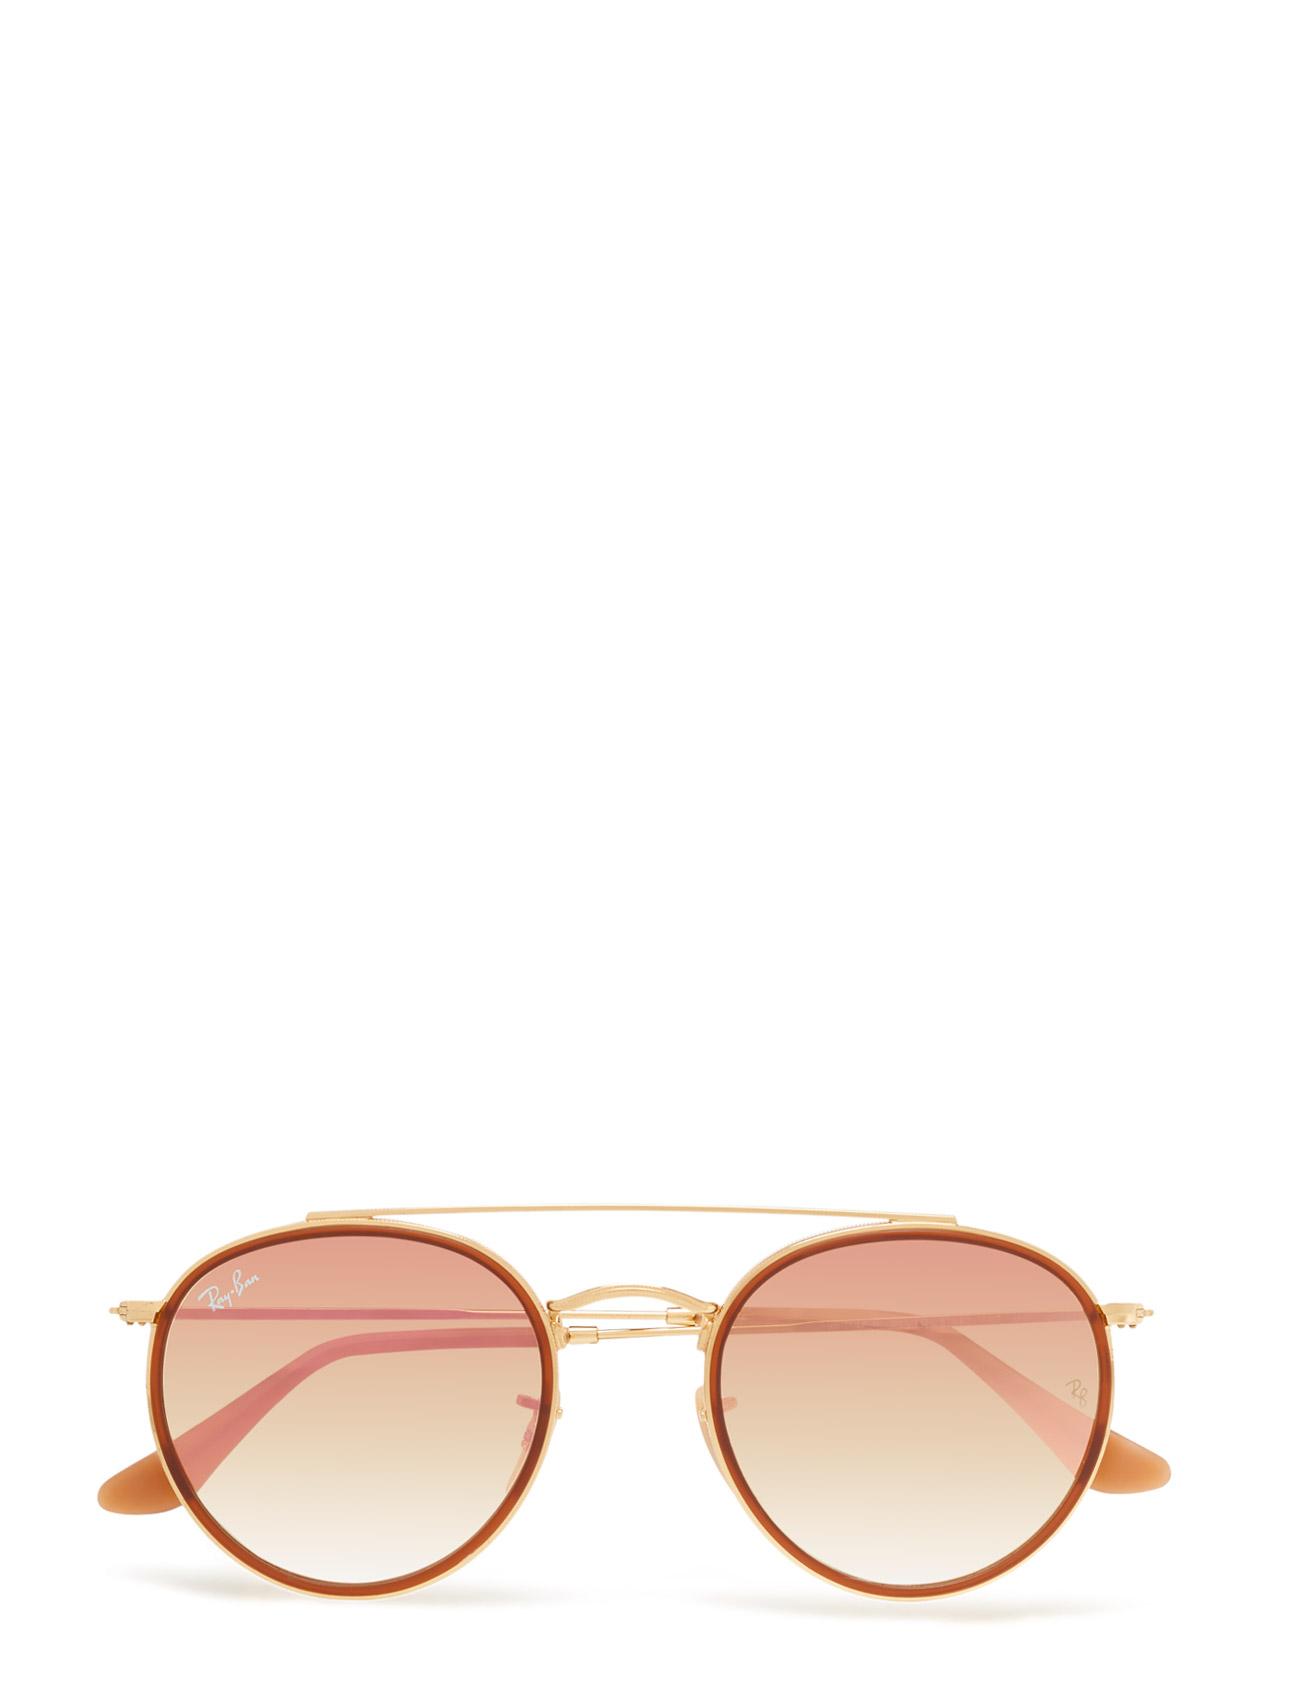 Round Frame Ray-Ban Solbriller til Herrer i Sort